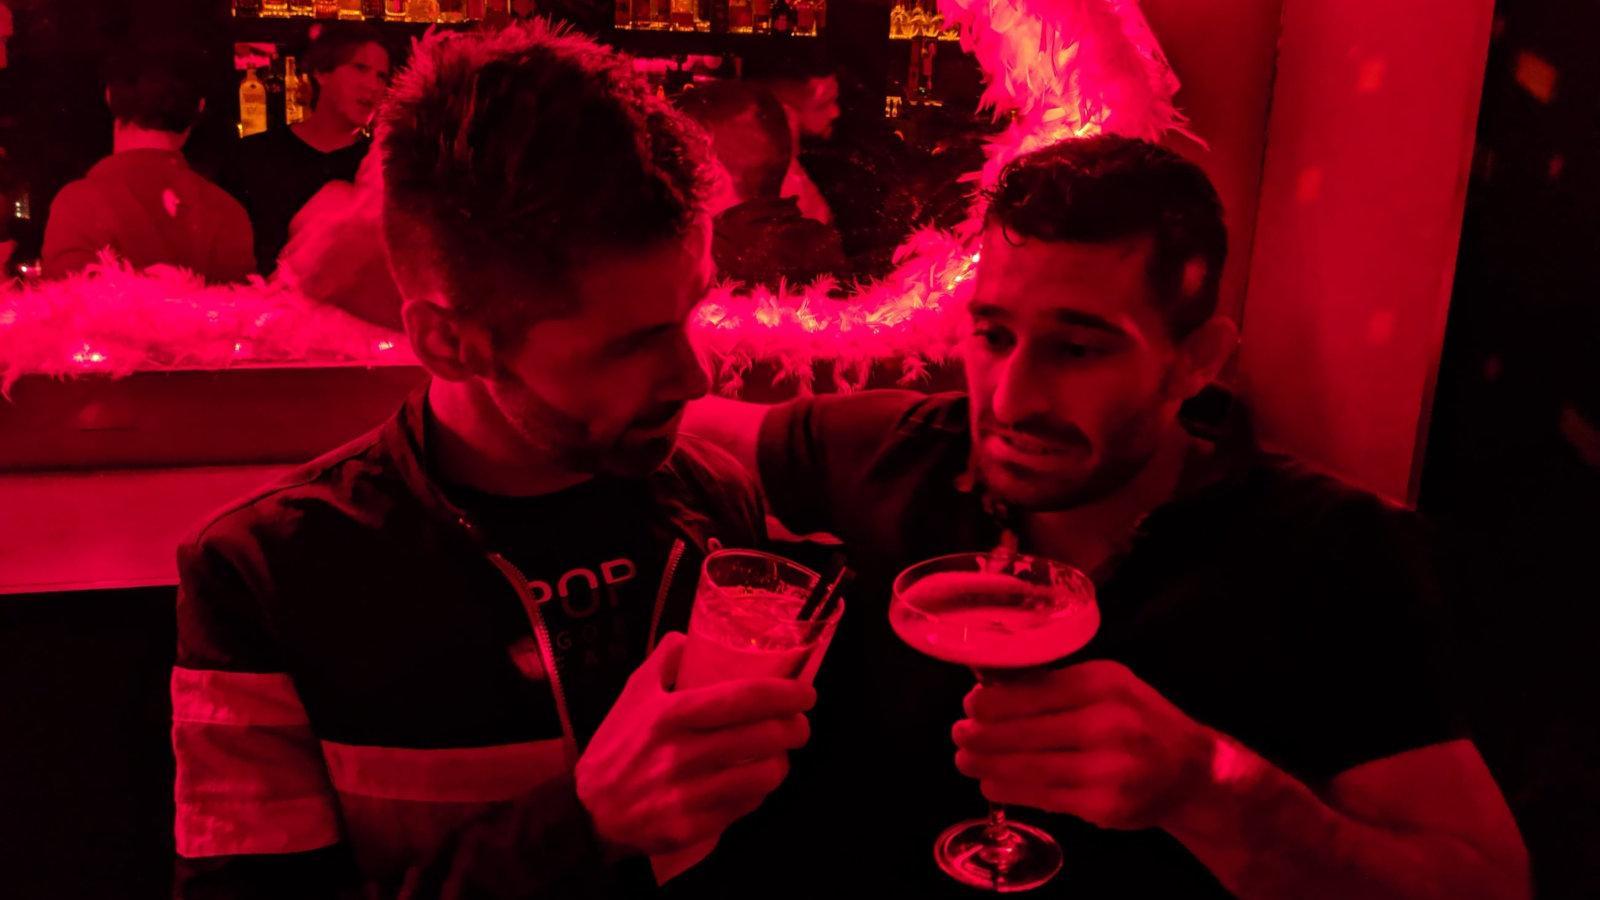 Le succès est le principal bar gay de Tbilissi et certainement une soirée amusante